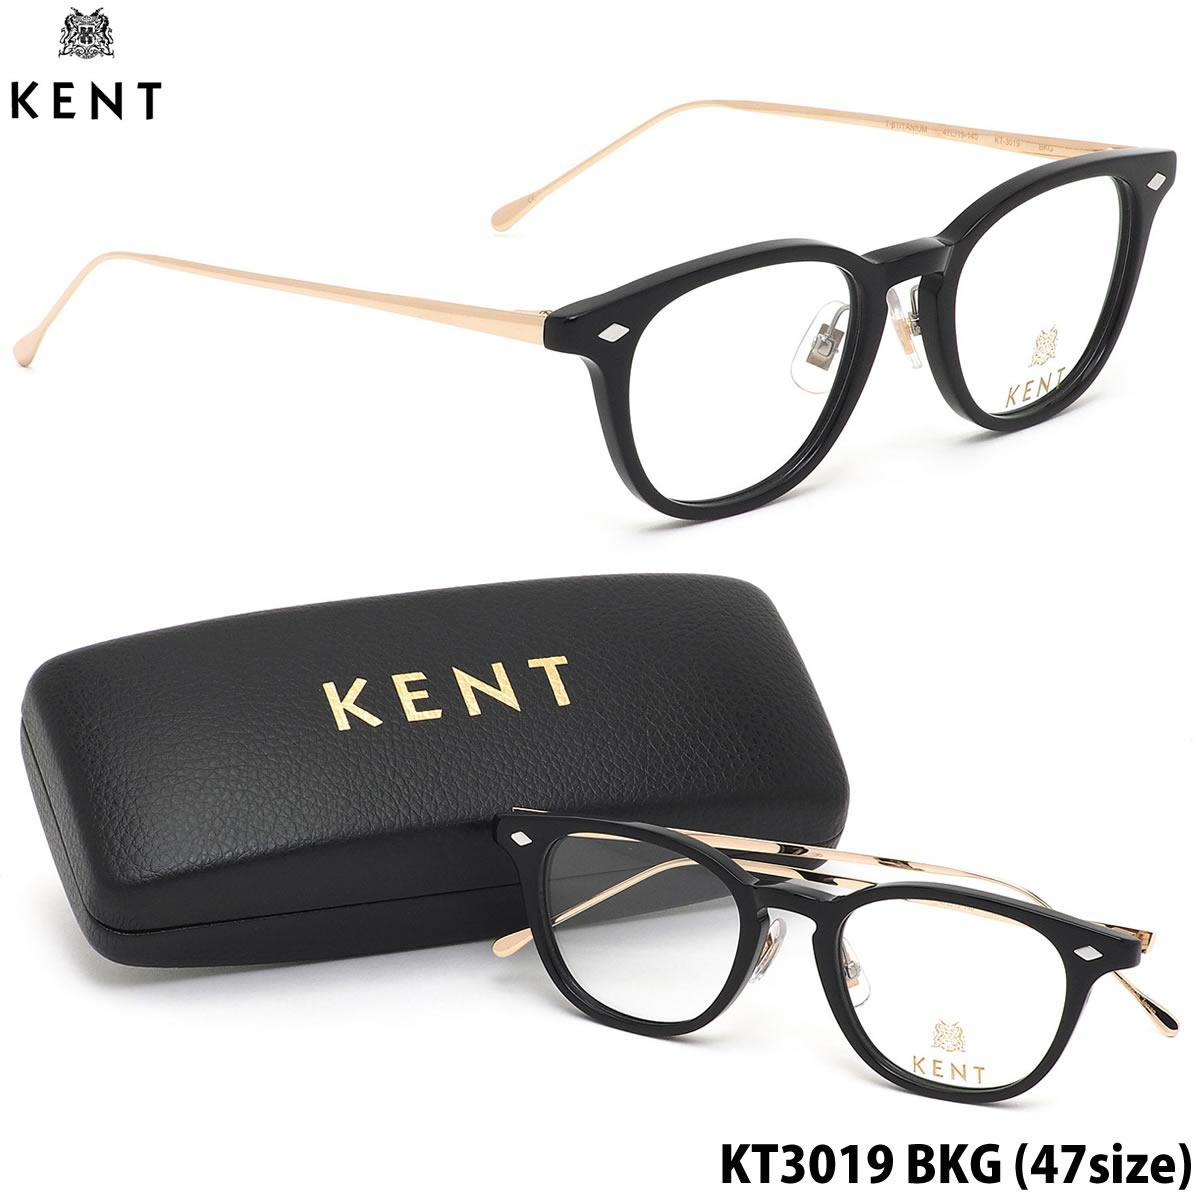 【10月30日からエントリーで全品ポイント20倍】ケント KENT メガネKT3019 BKG 47サイズクラシカル 日本製 伊達メガネレンズ無料 メンズ レディース